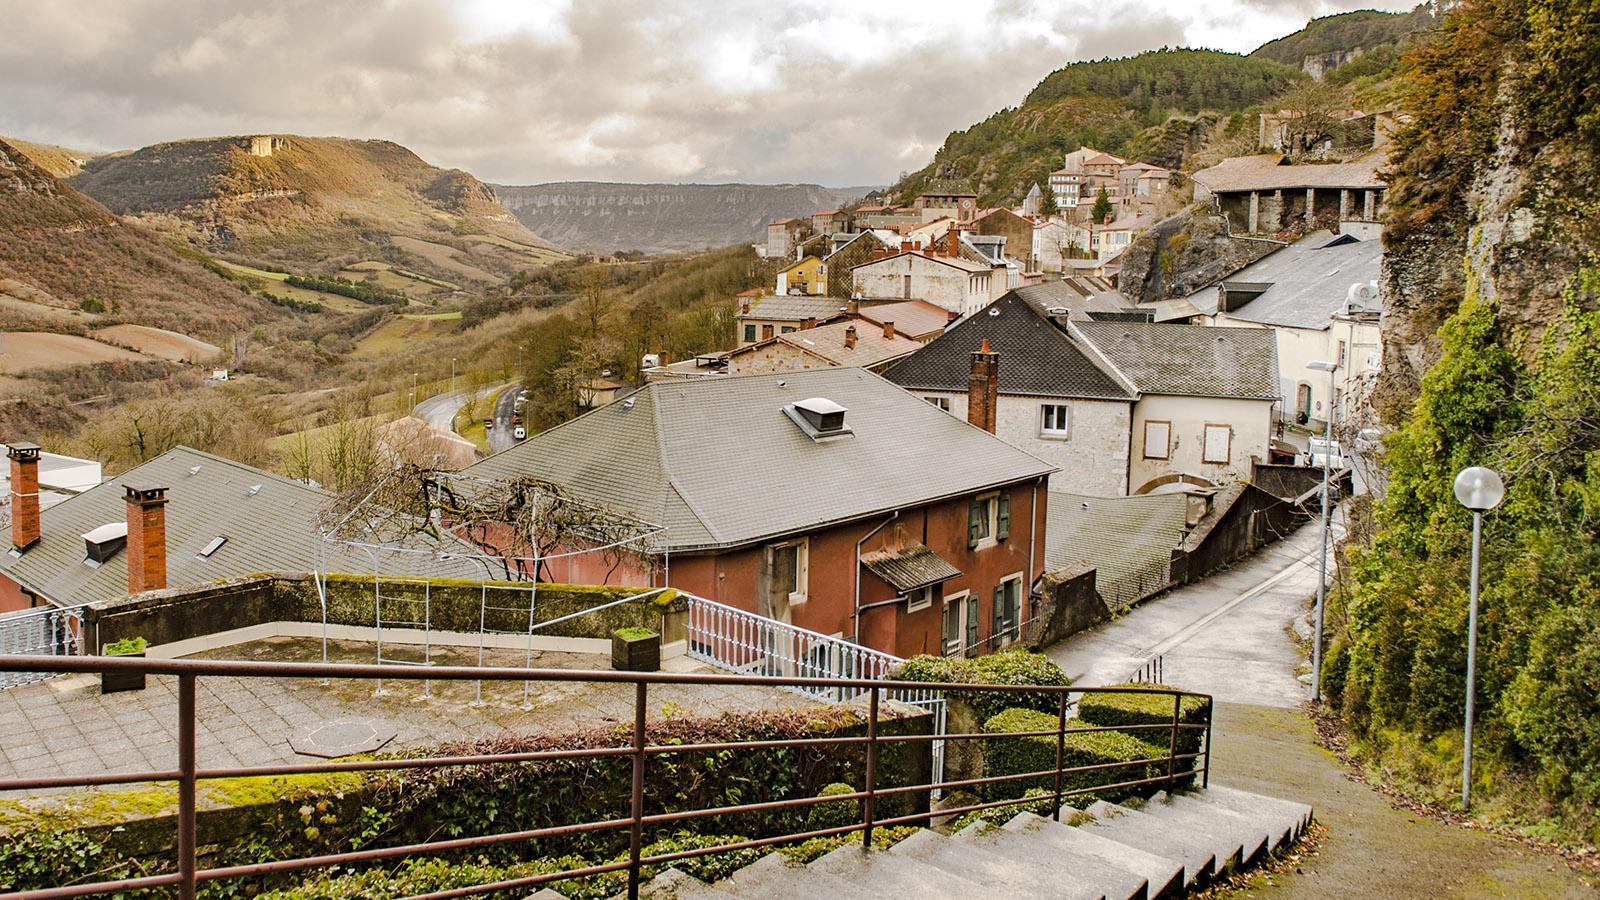 Blick auf Roquefort im Tal des Soulzon. Foto: Hilke Maunder